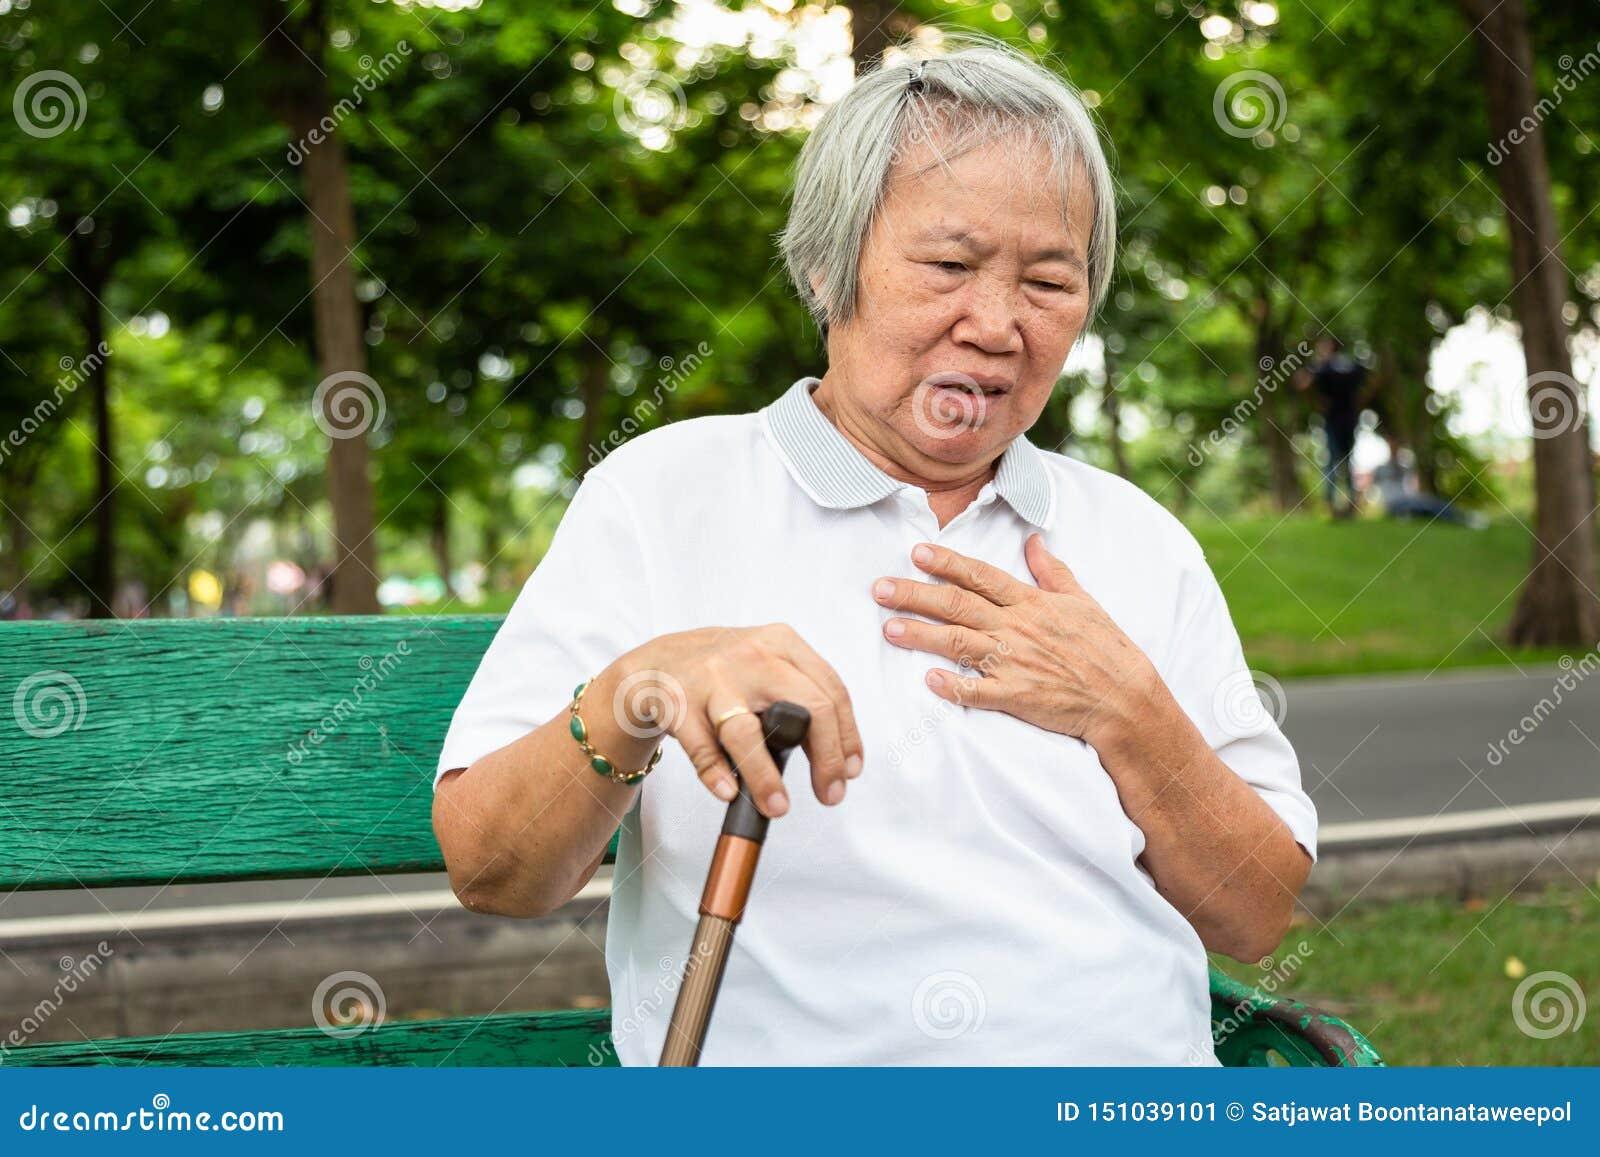 Азиат престарелый с некоторыми симптомами, затруднением дыша, страданием или проблемами сердца, связывает симптомы сердца